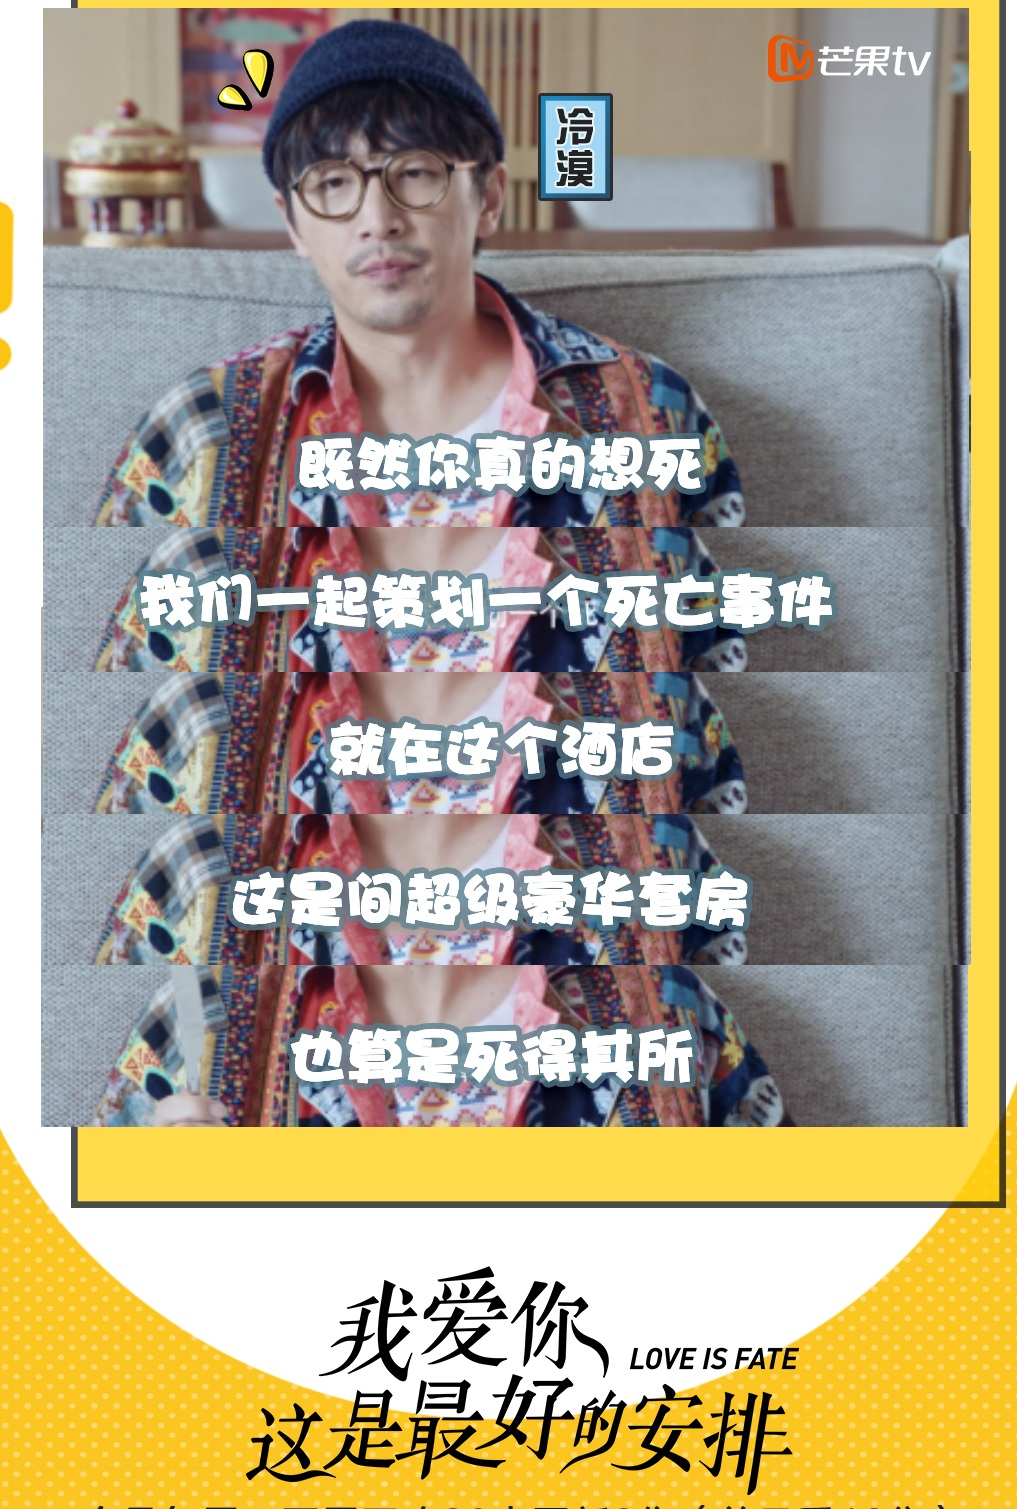 张彬彬和郑合惠子的新剧 恭喜王志飞老师获得金鸡最佳男配-4楼